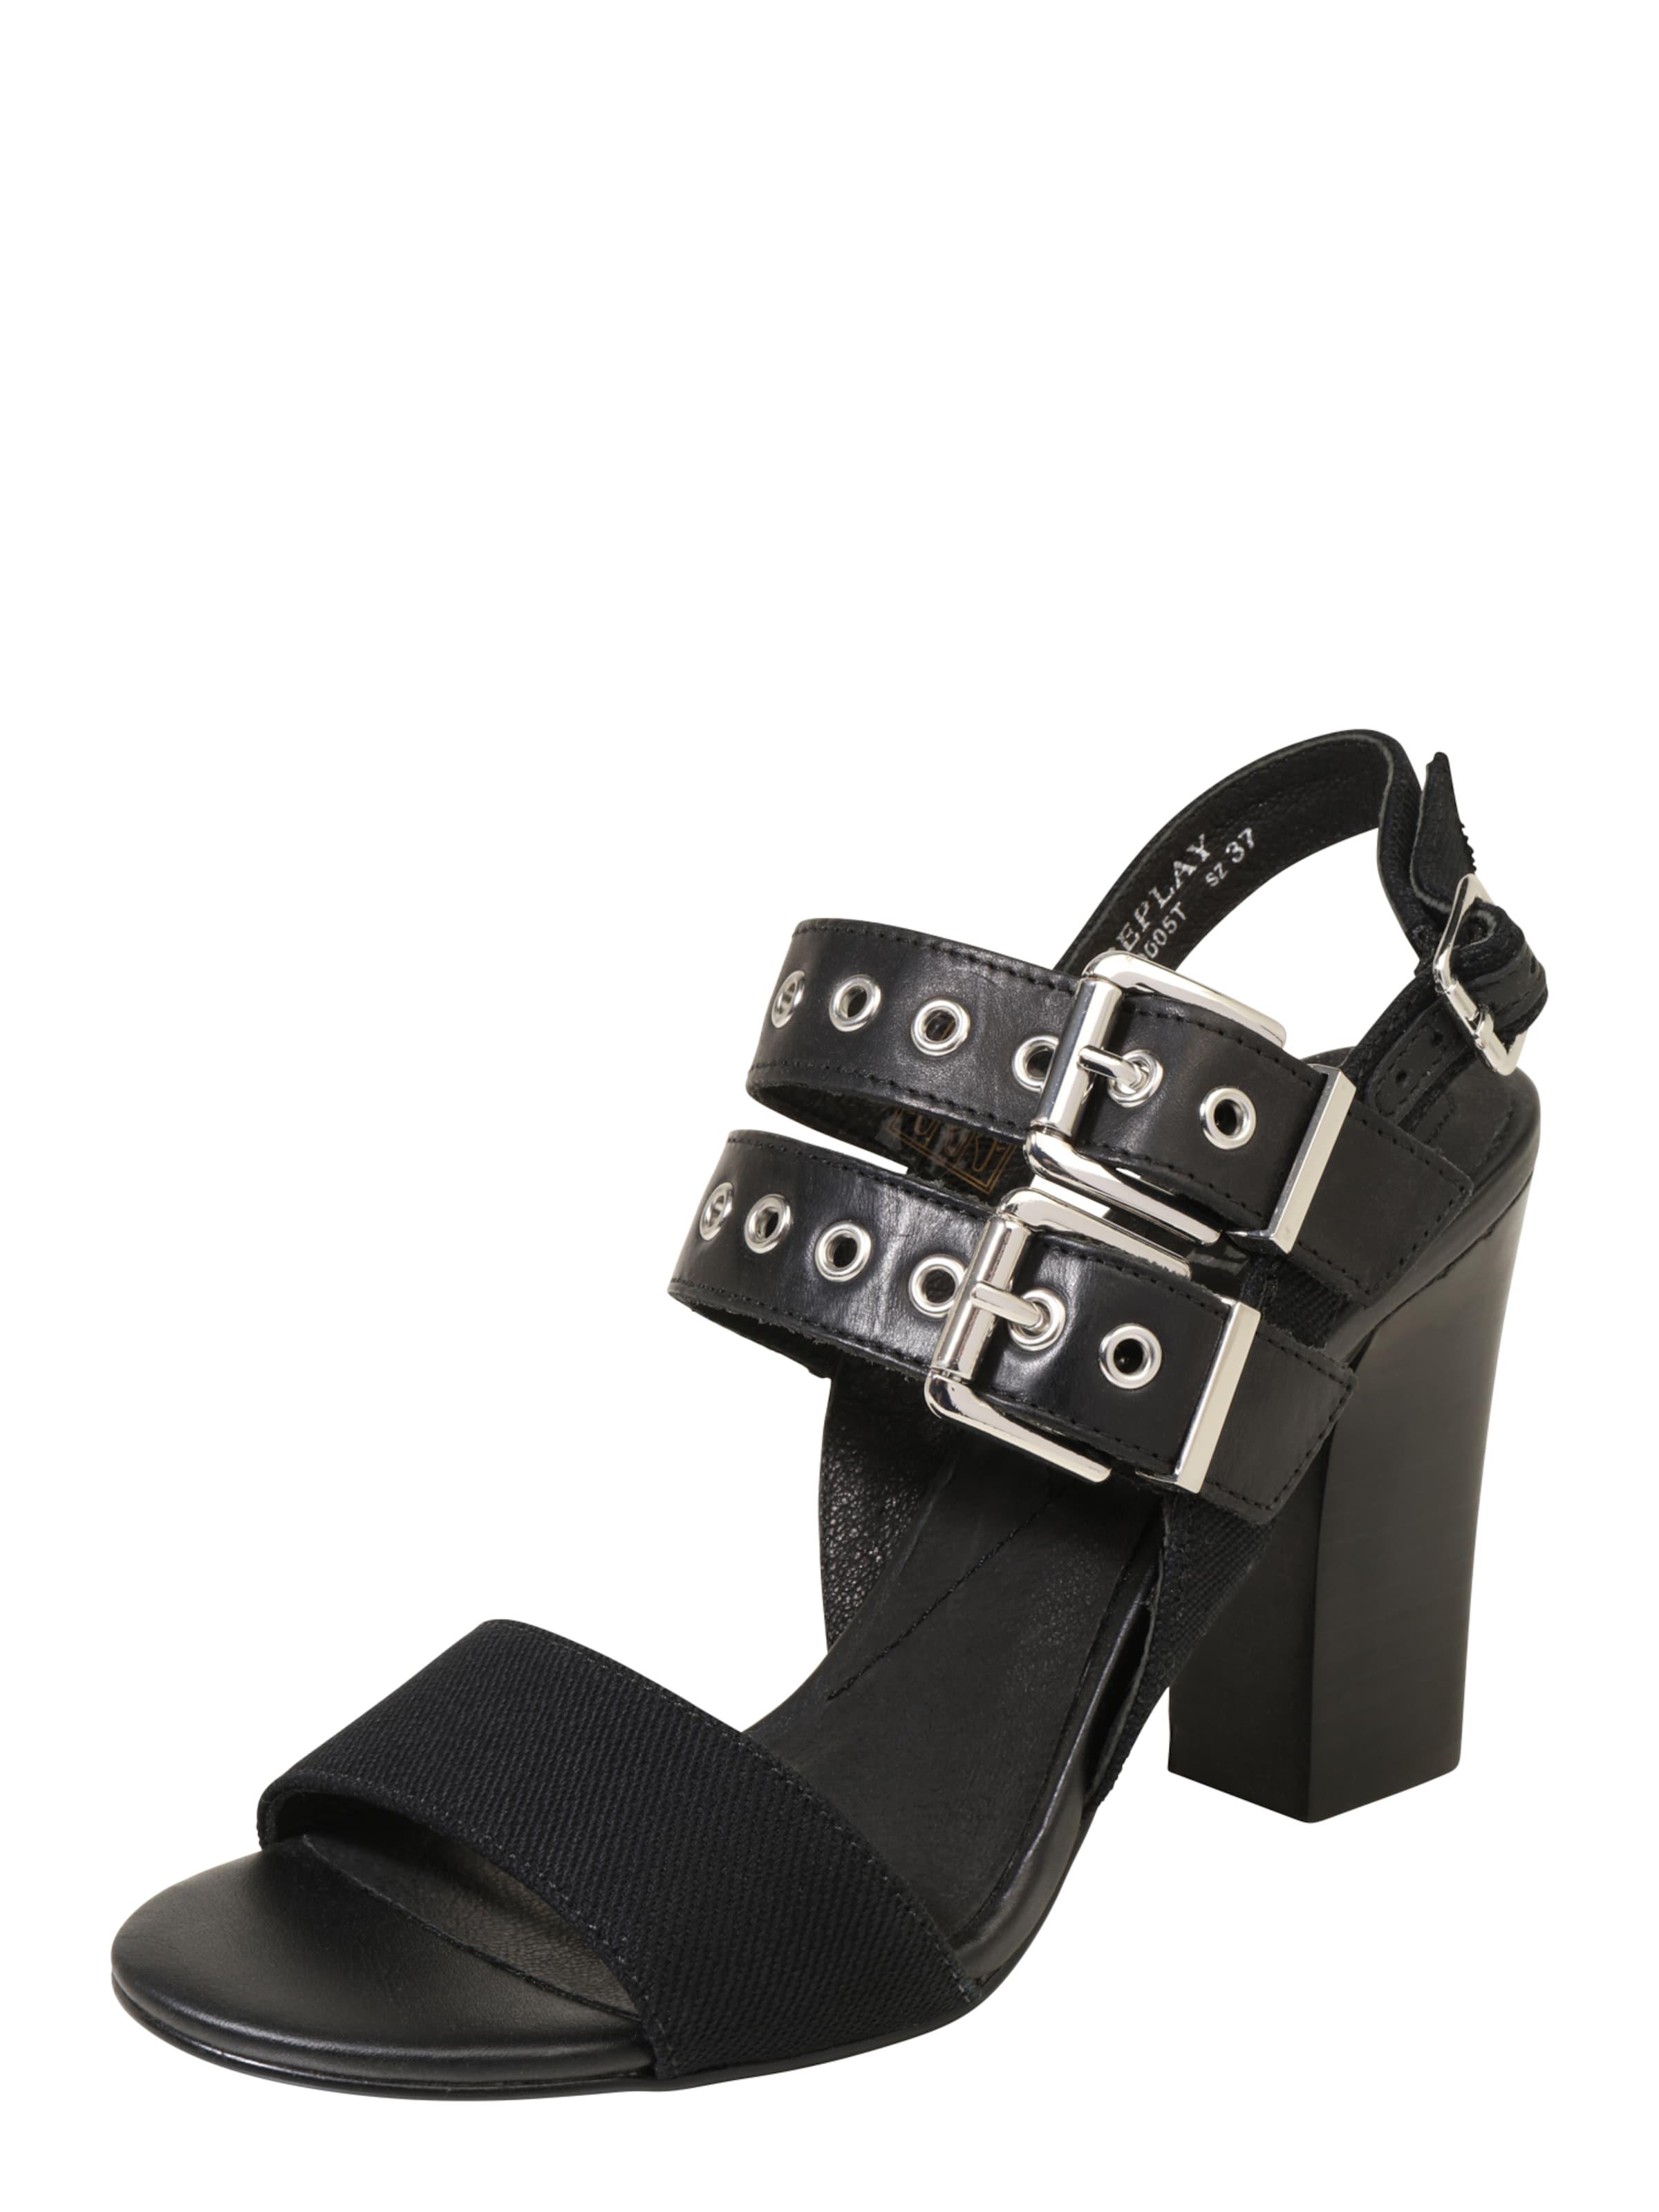 Haltbare Mode getragene billige Schuhe REPLAY | Absatzsandale 'LUANA' Schuhe Gut getragene Mode Schuhe f935a1